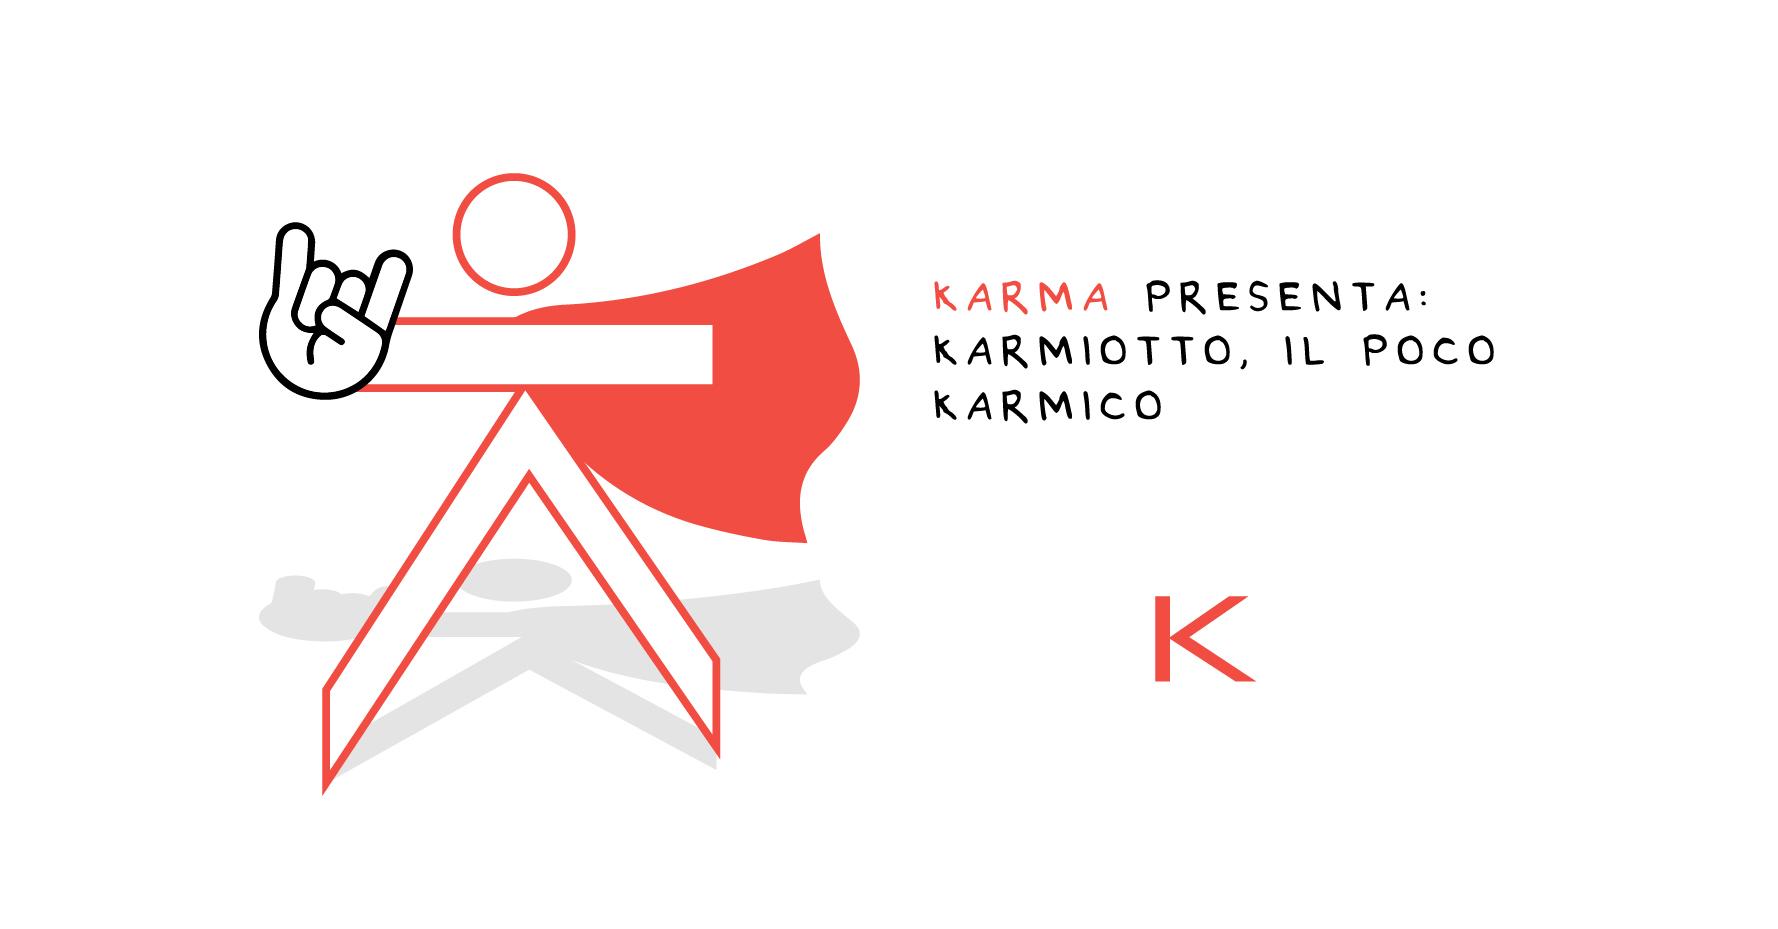 Karma Communication - Vi presentiamo Karmiotto